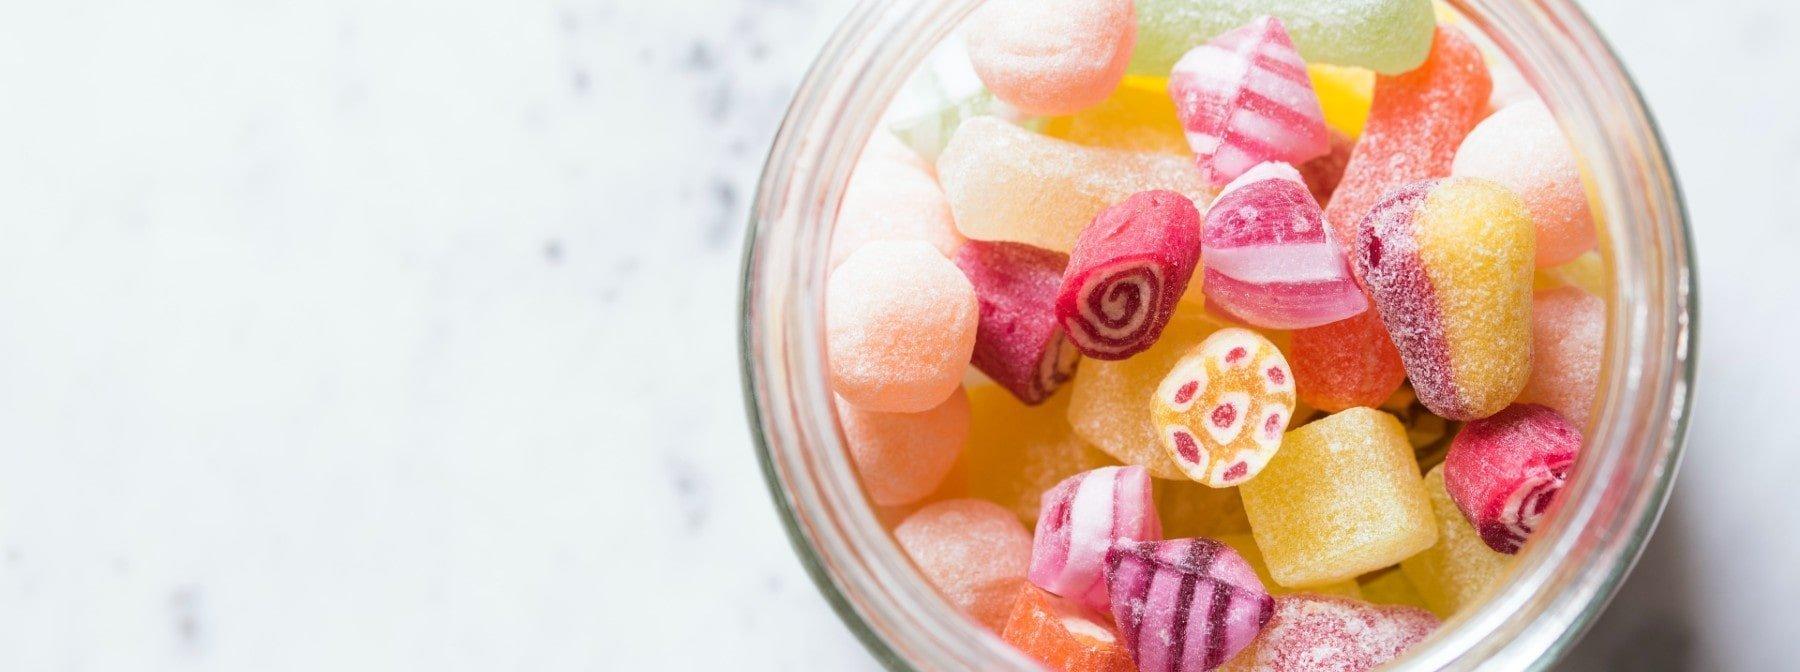 Die 7 besten Zucker-Alternativen, die du ausprobieren solltest